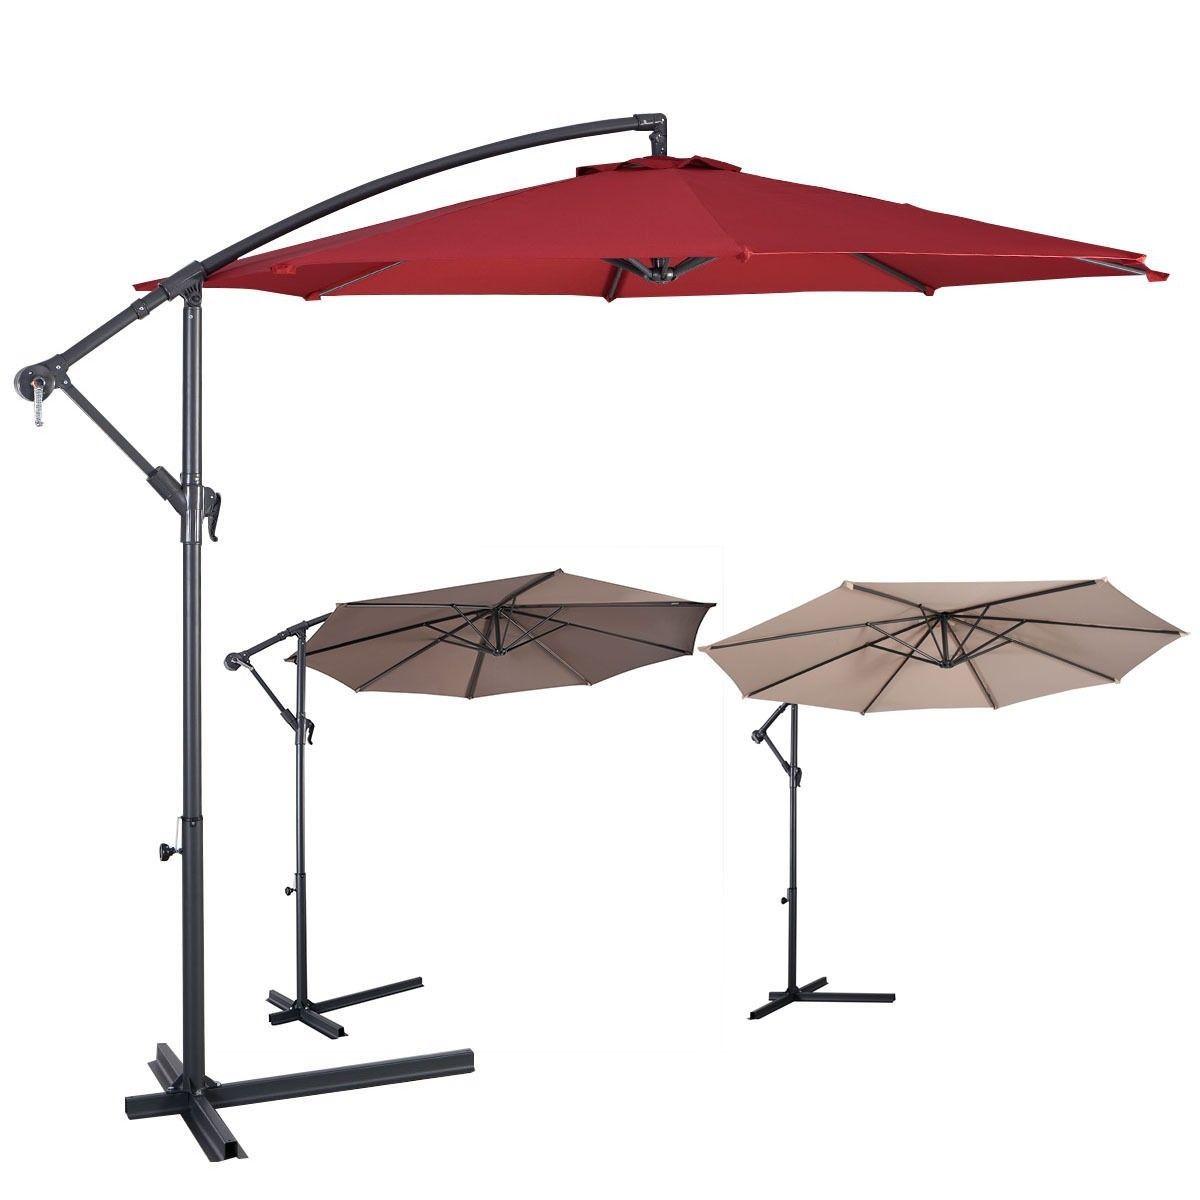 10ft Outdoor Deck Patio Umbrella Offset Tilt Cantilever